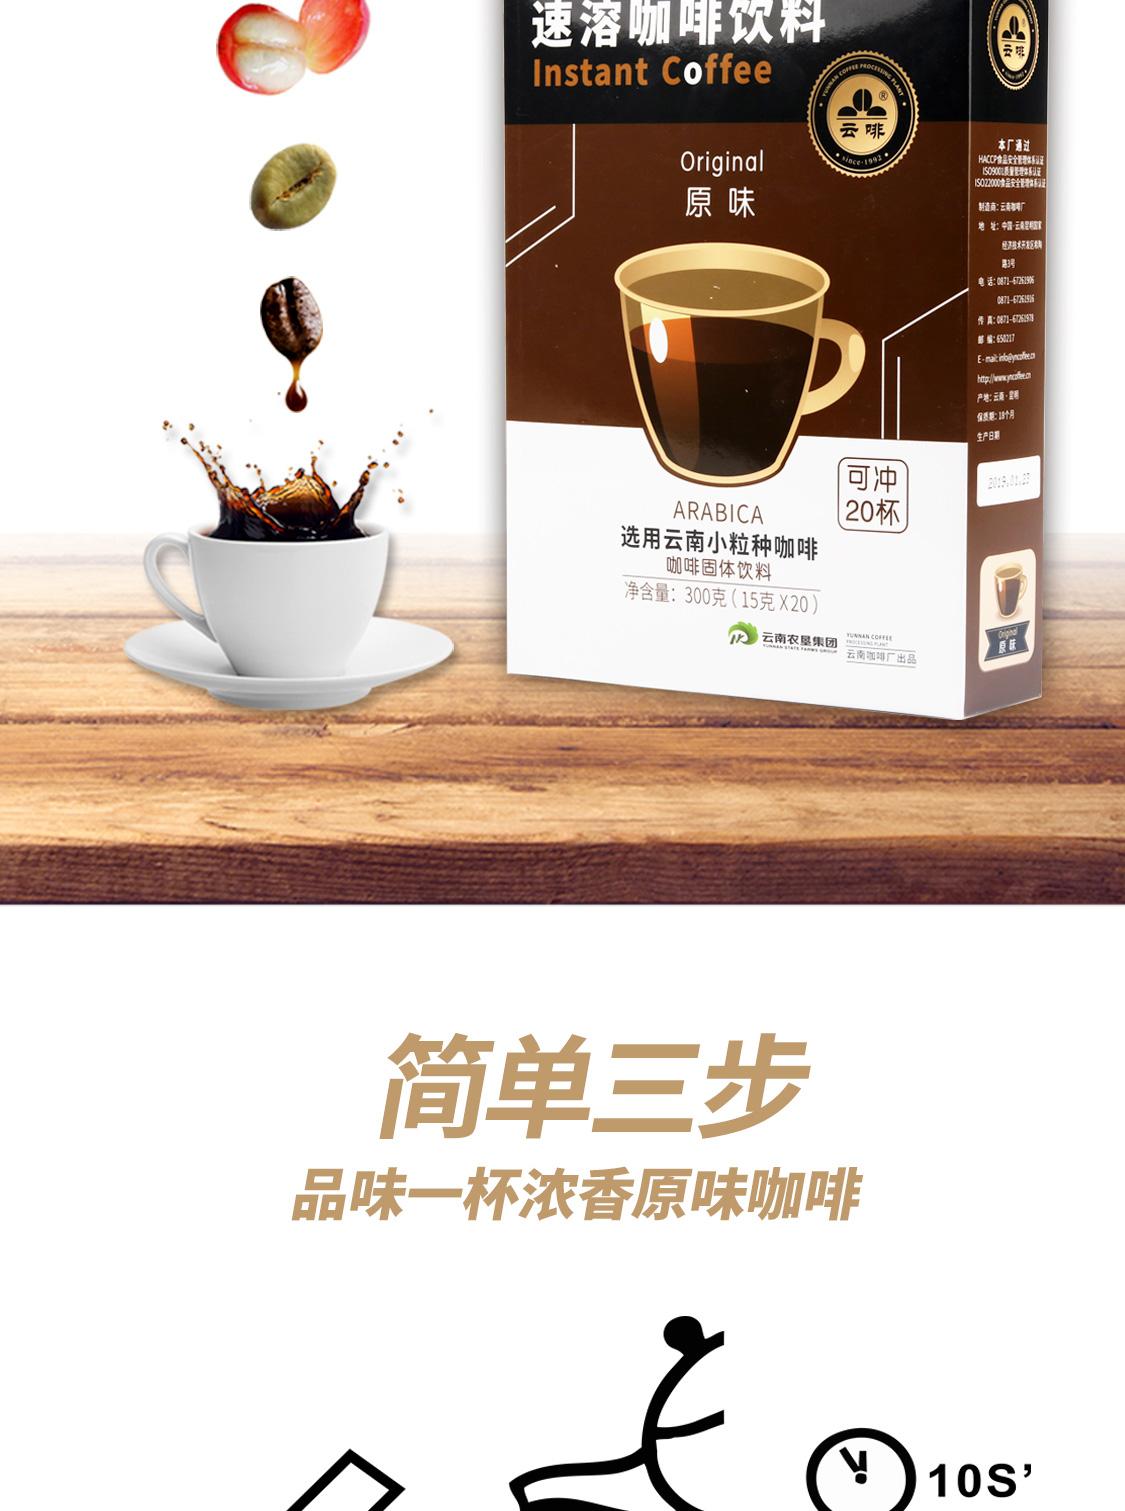 原味速溶咖啡大盒装_12.jpg